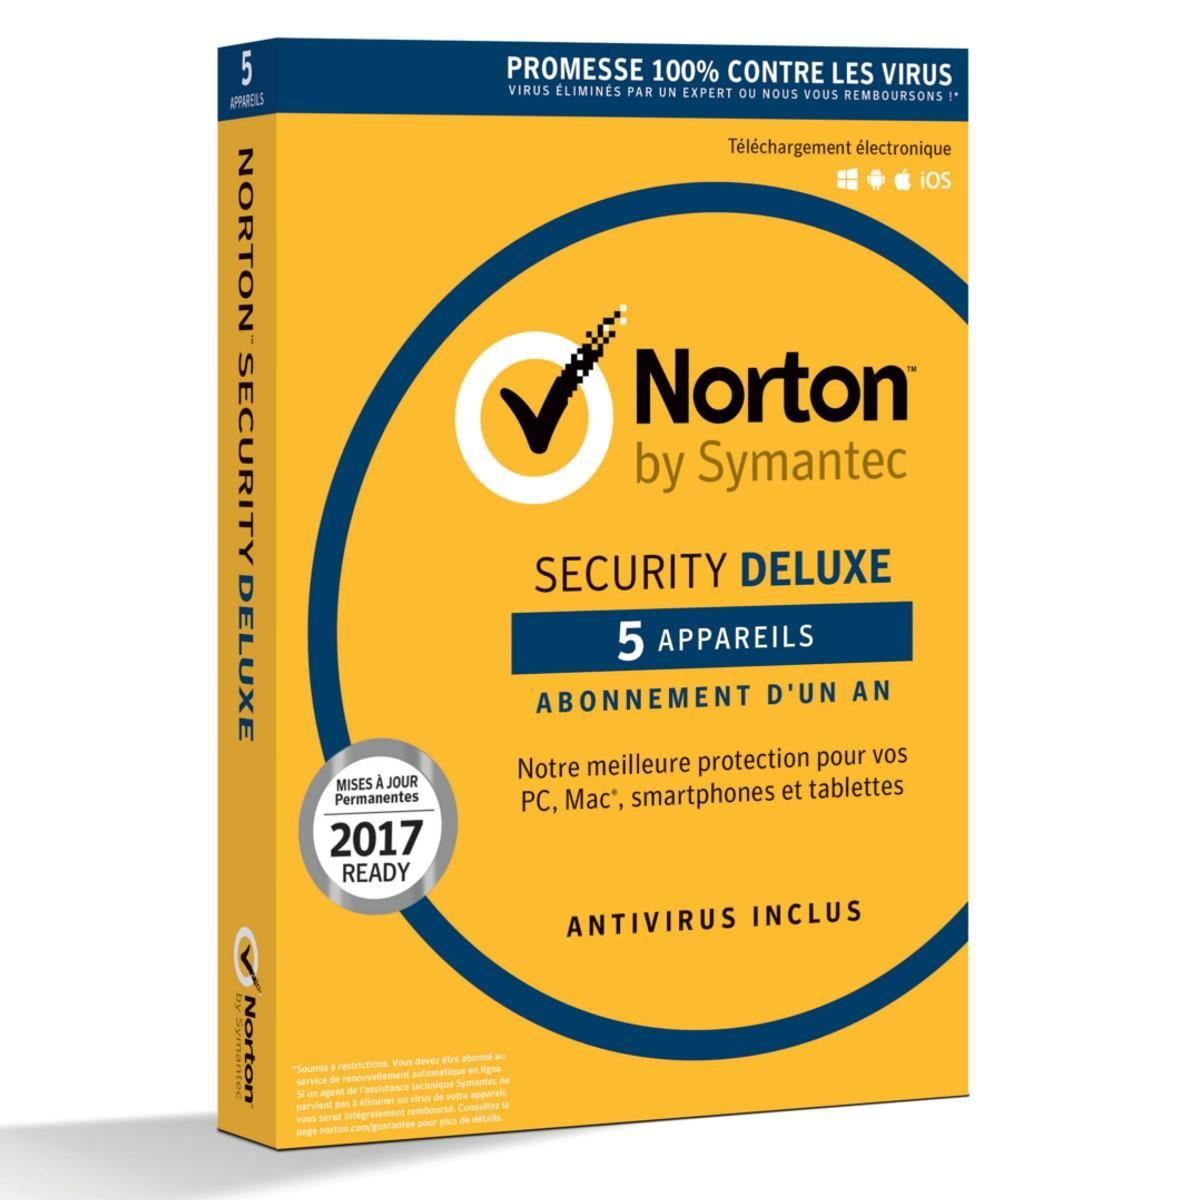 Antivirus en ligne : protéger ses appareils